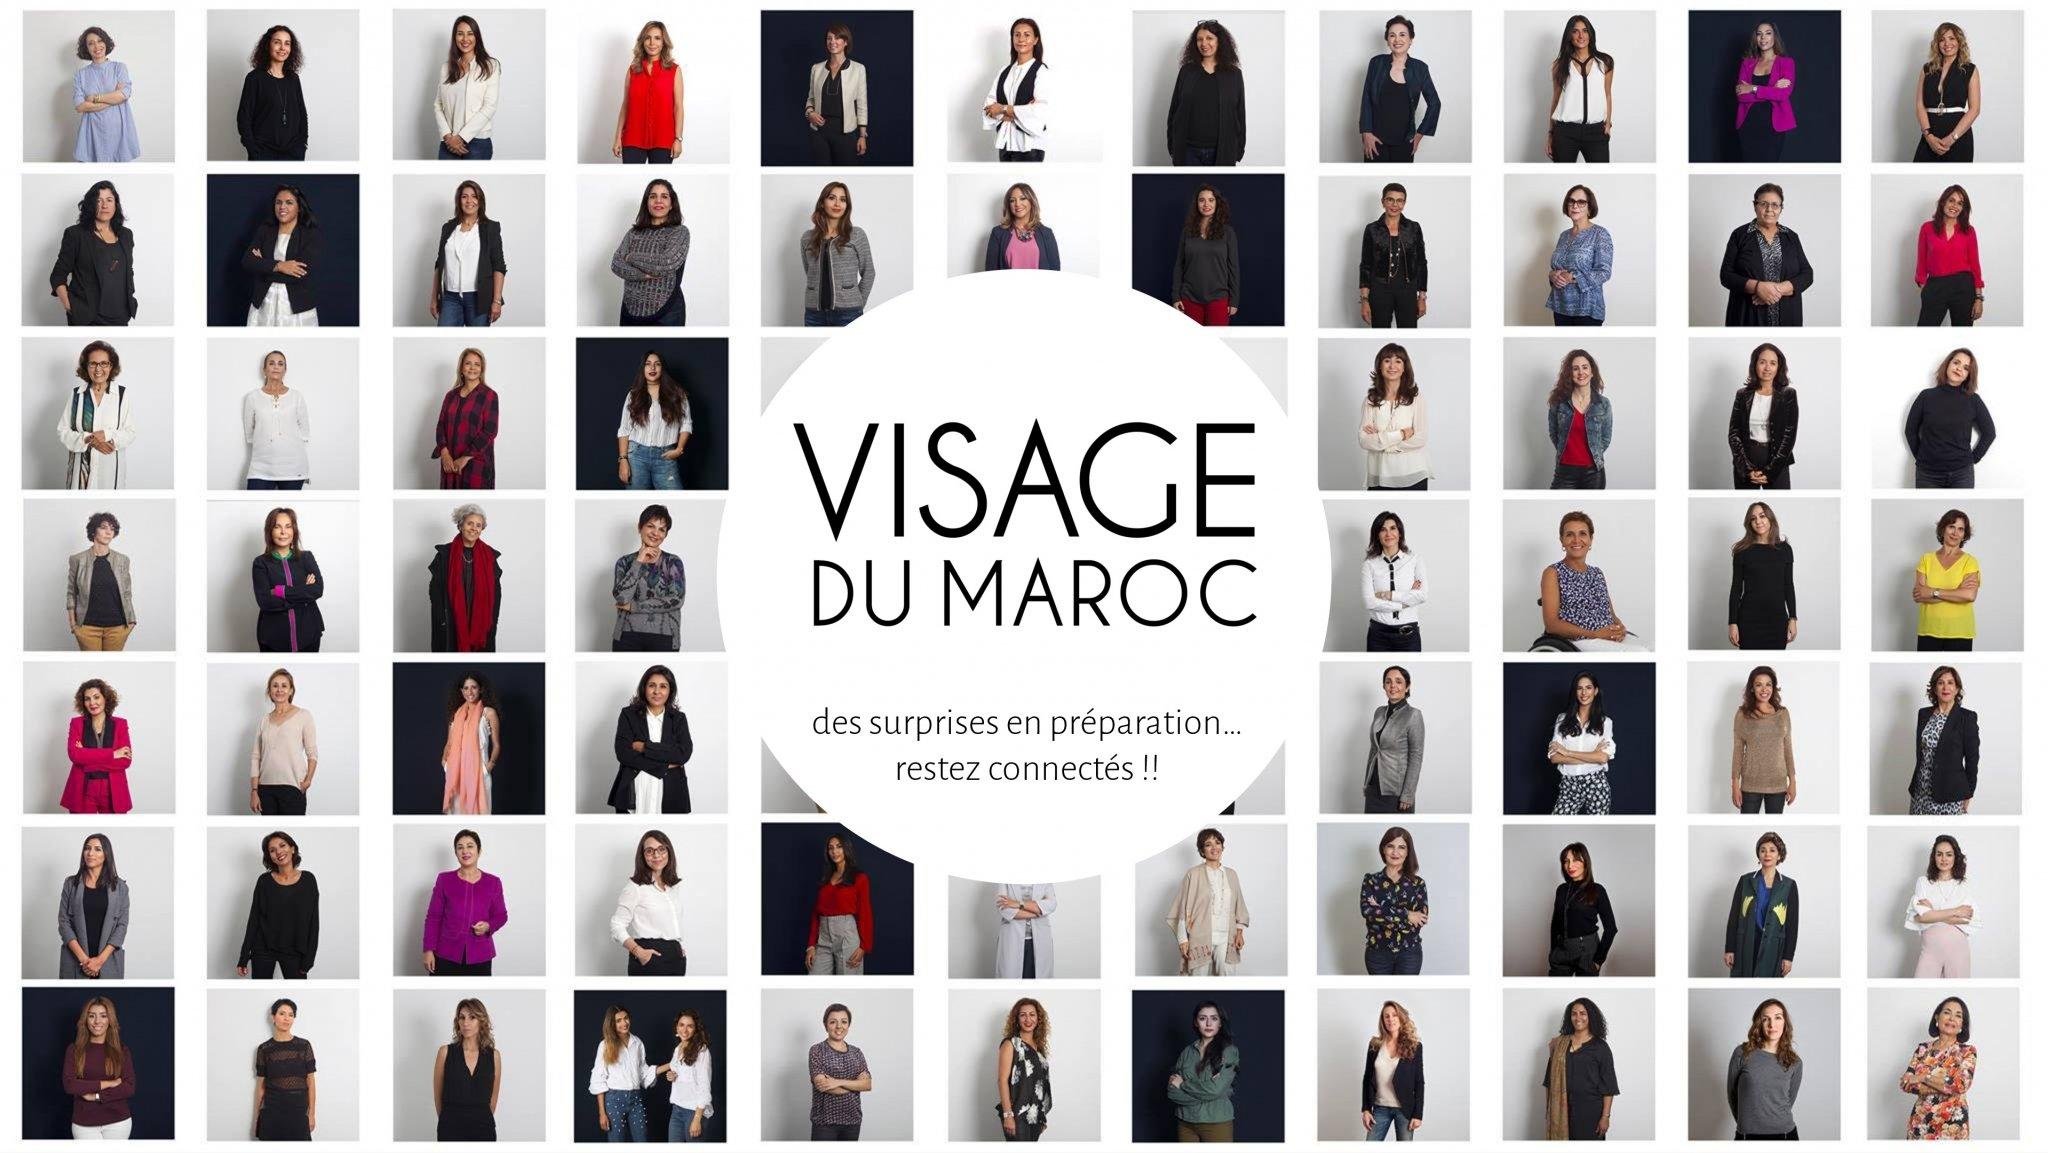 Visage Du Maroc